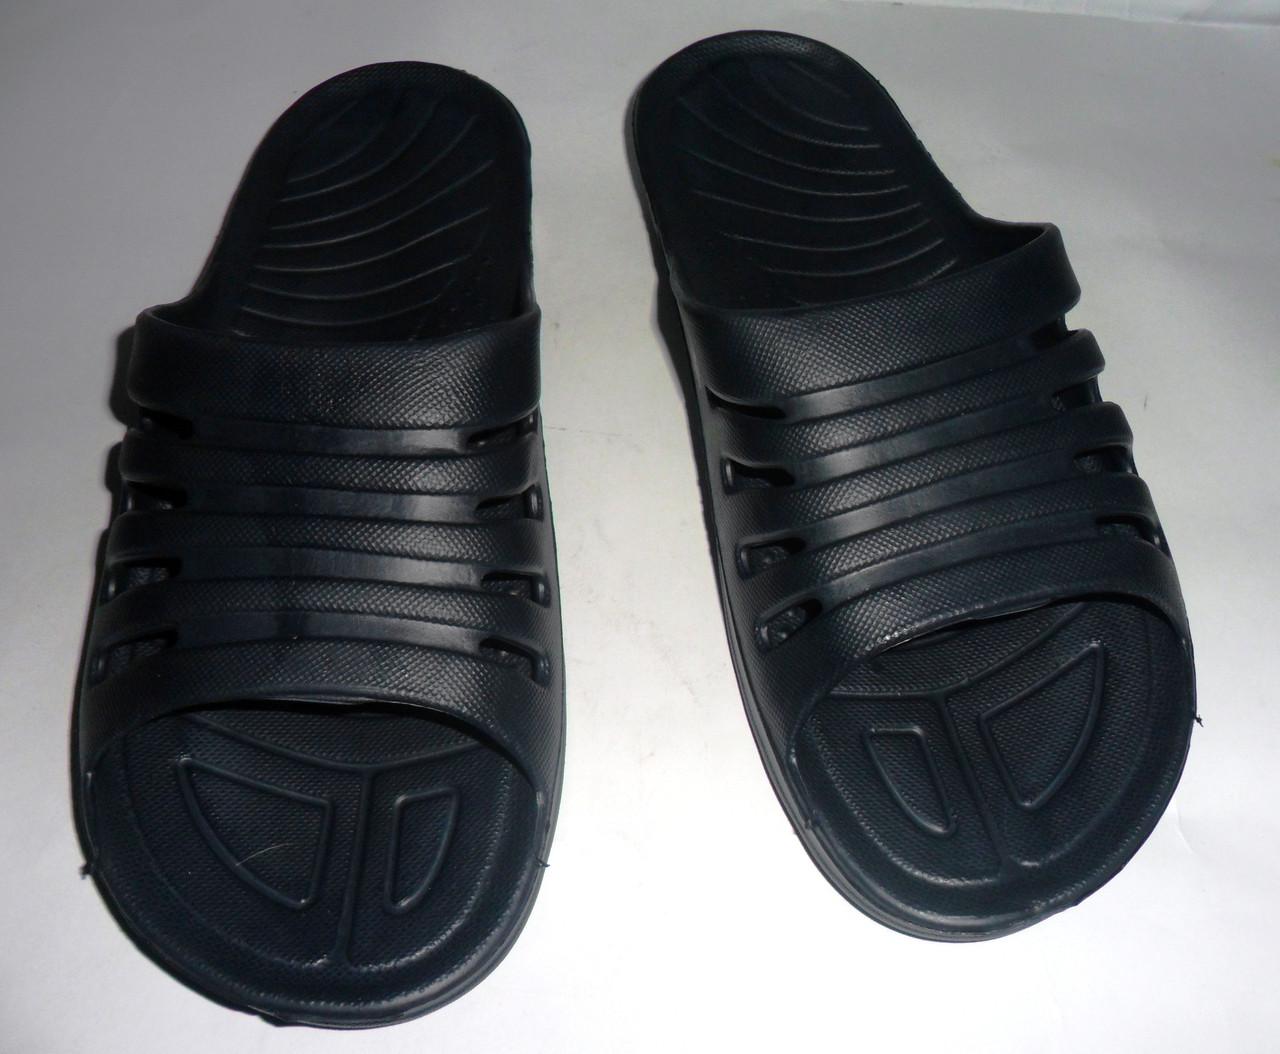 9389db569 Мужские резиновые шлепанцы - Интернет-магазин обуви и белья